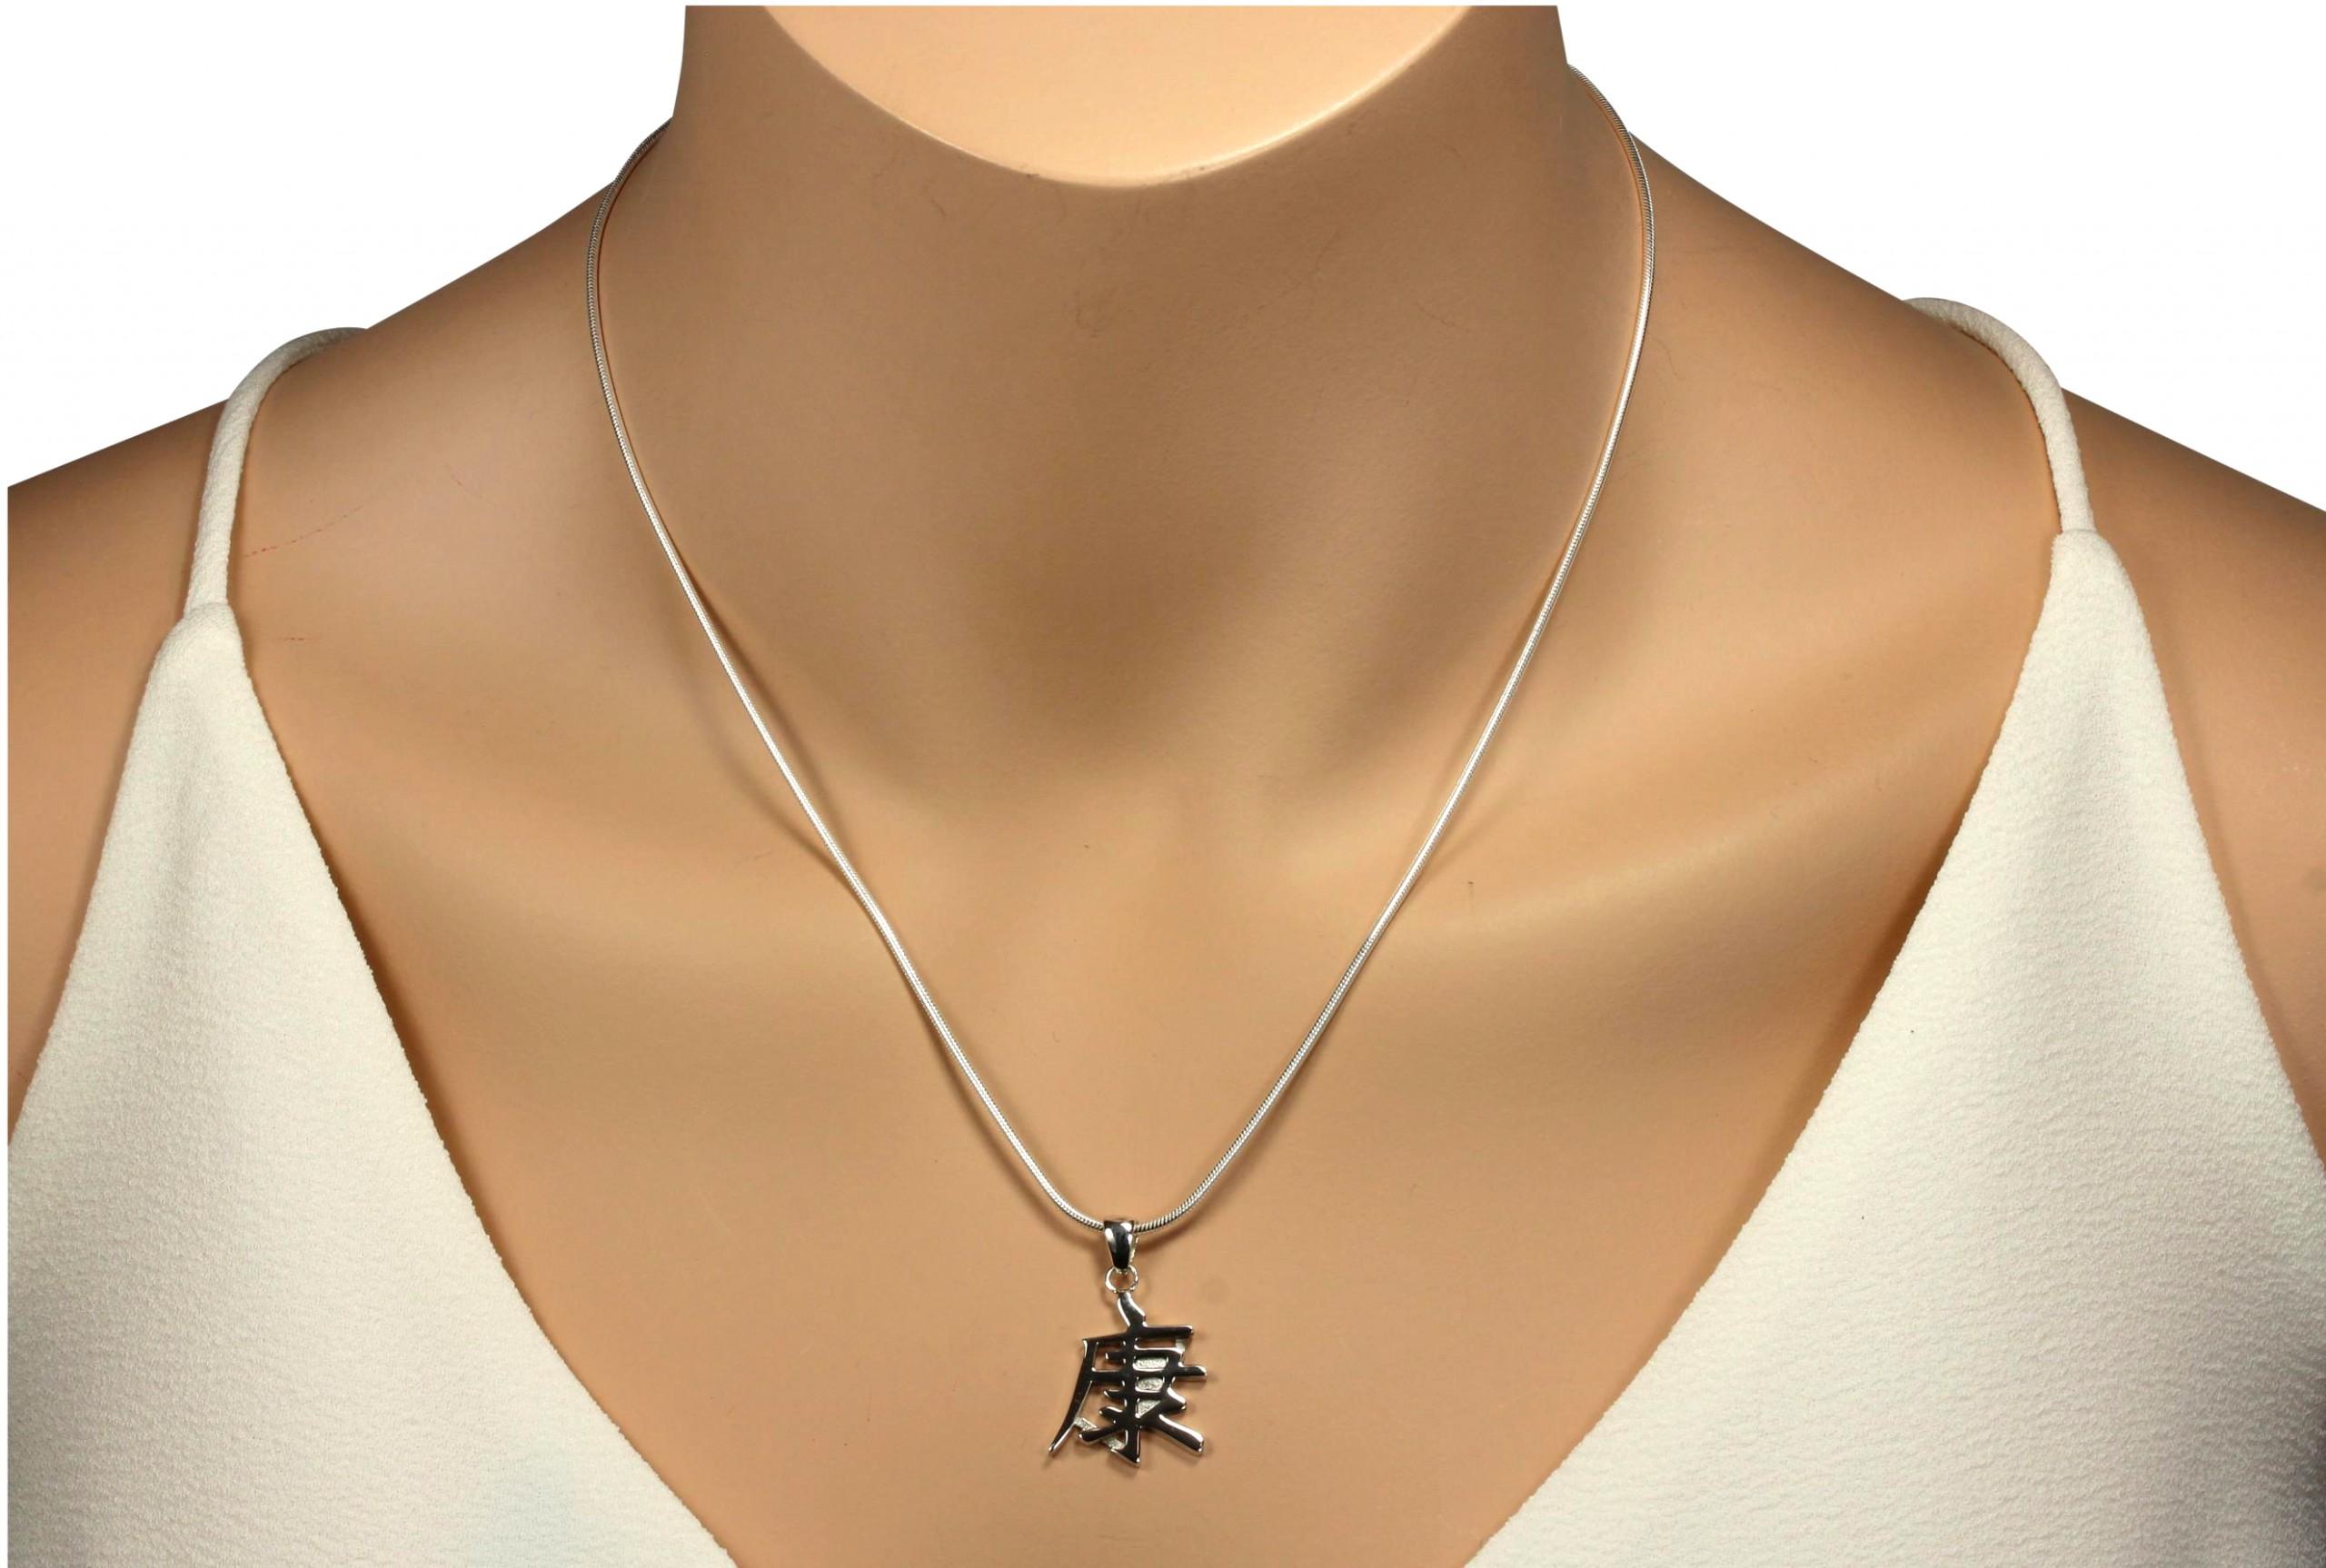 silbermoos anh nger mit kette chinesisches zeichen symbol gesundheit mit schlangenkette 45 cm. Black Bedroom Furniture Sets. Home Design Ideas